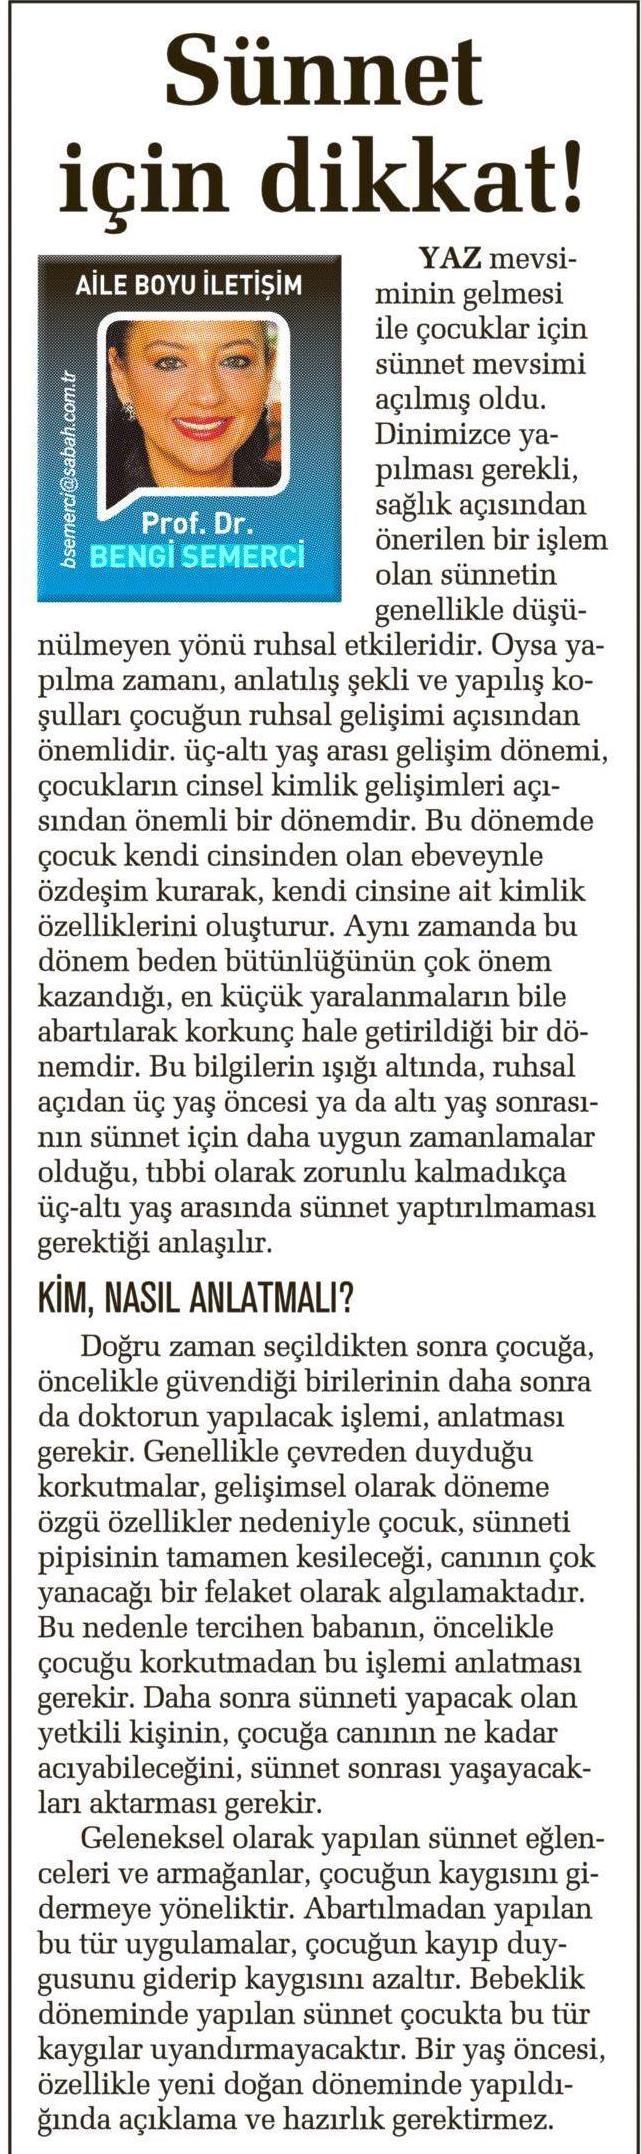 SÜNNET İÇİN DİKKAT!